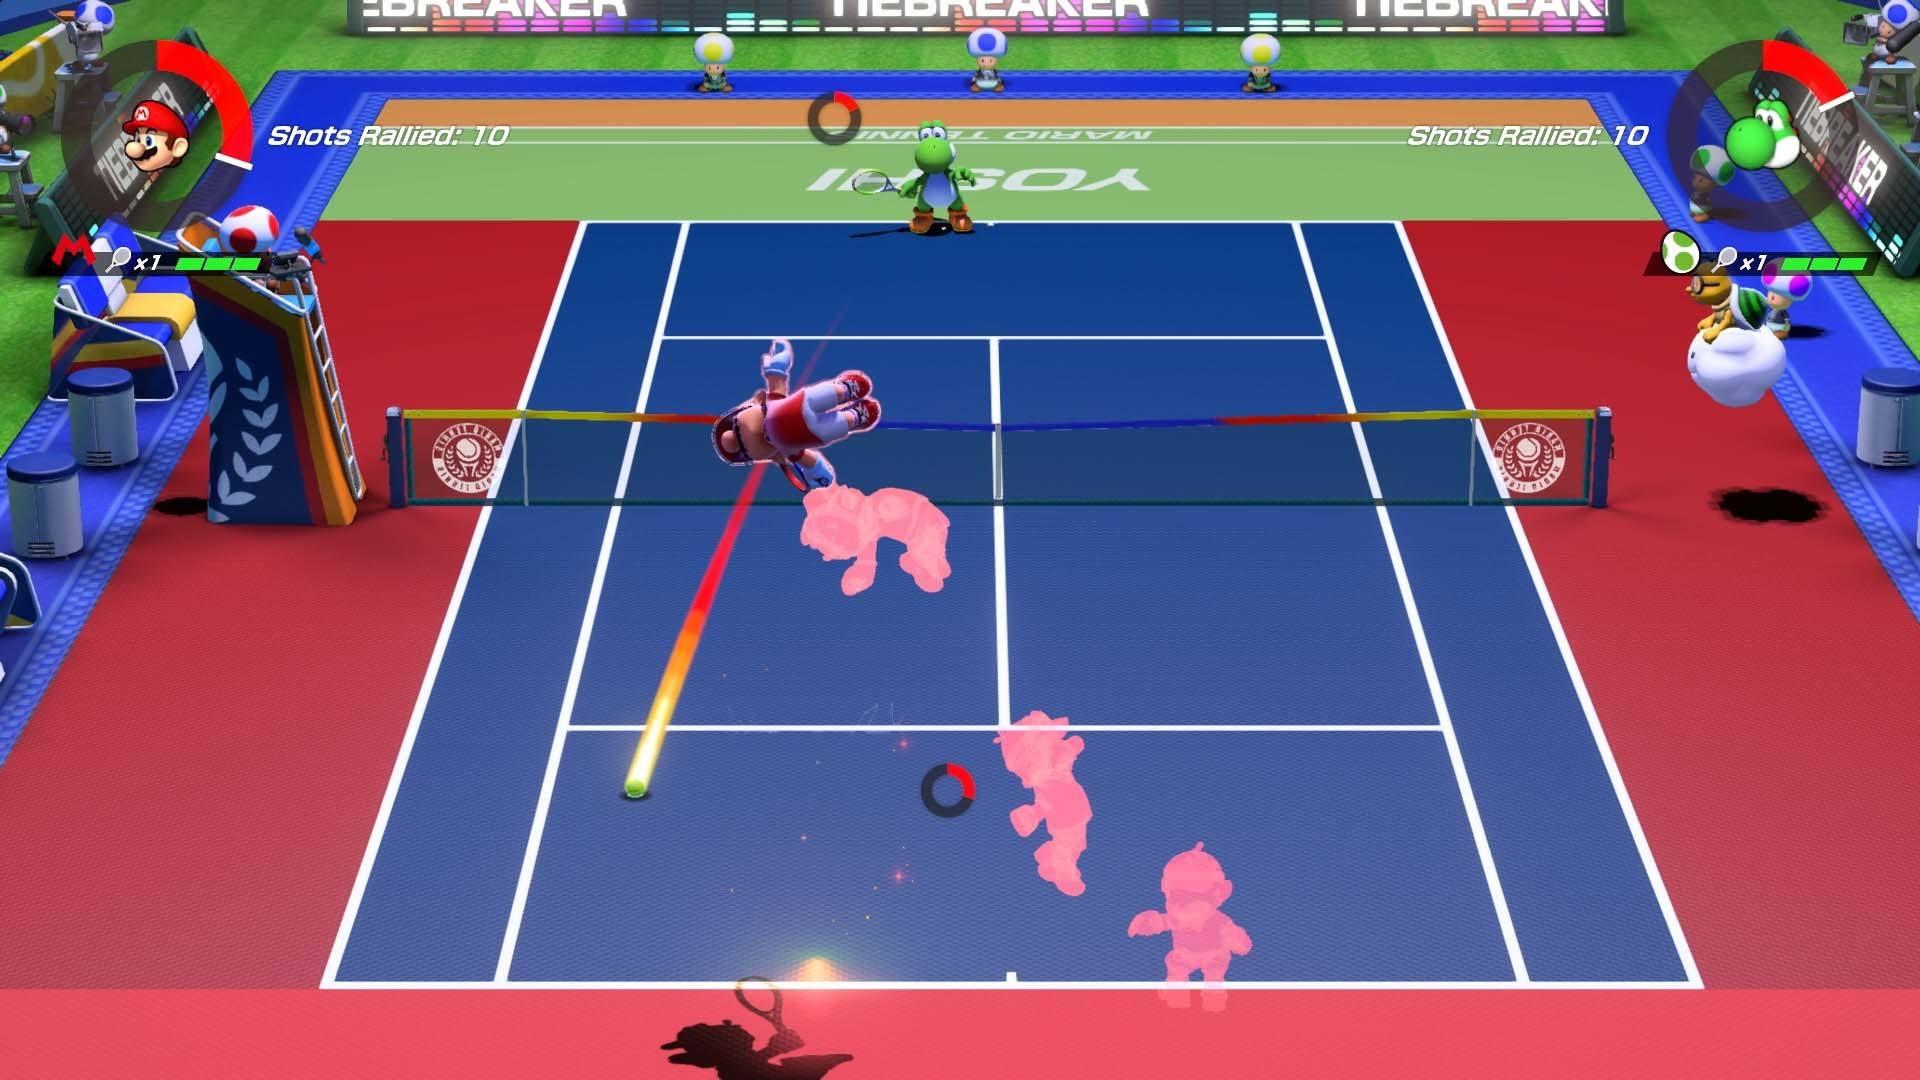 Mario Tennis Aces - It just looks fun!